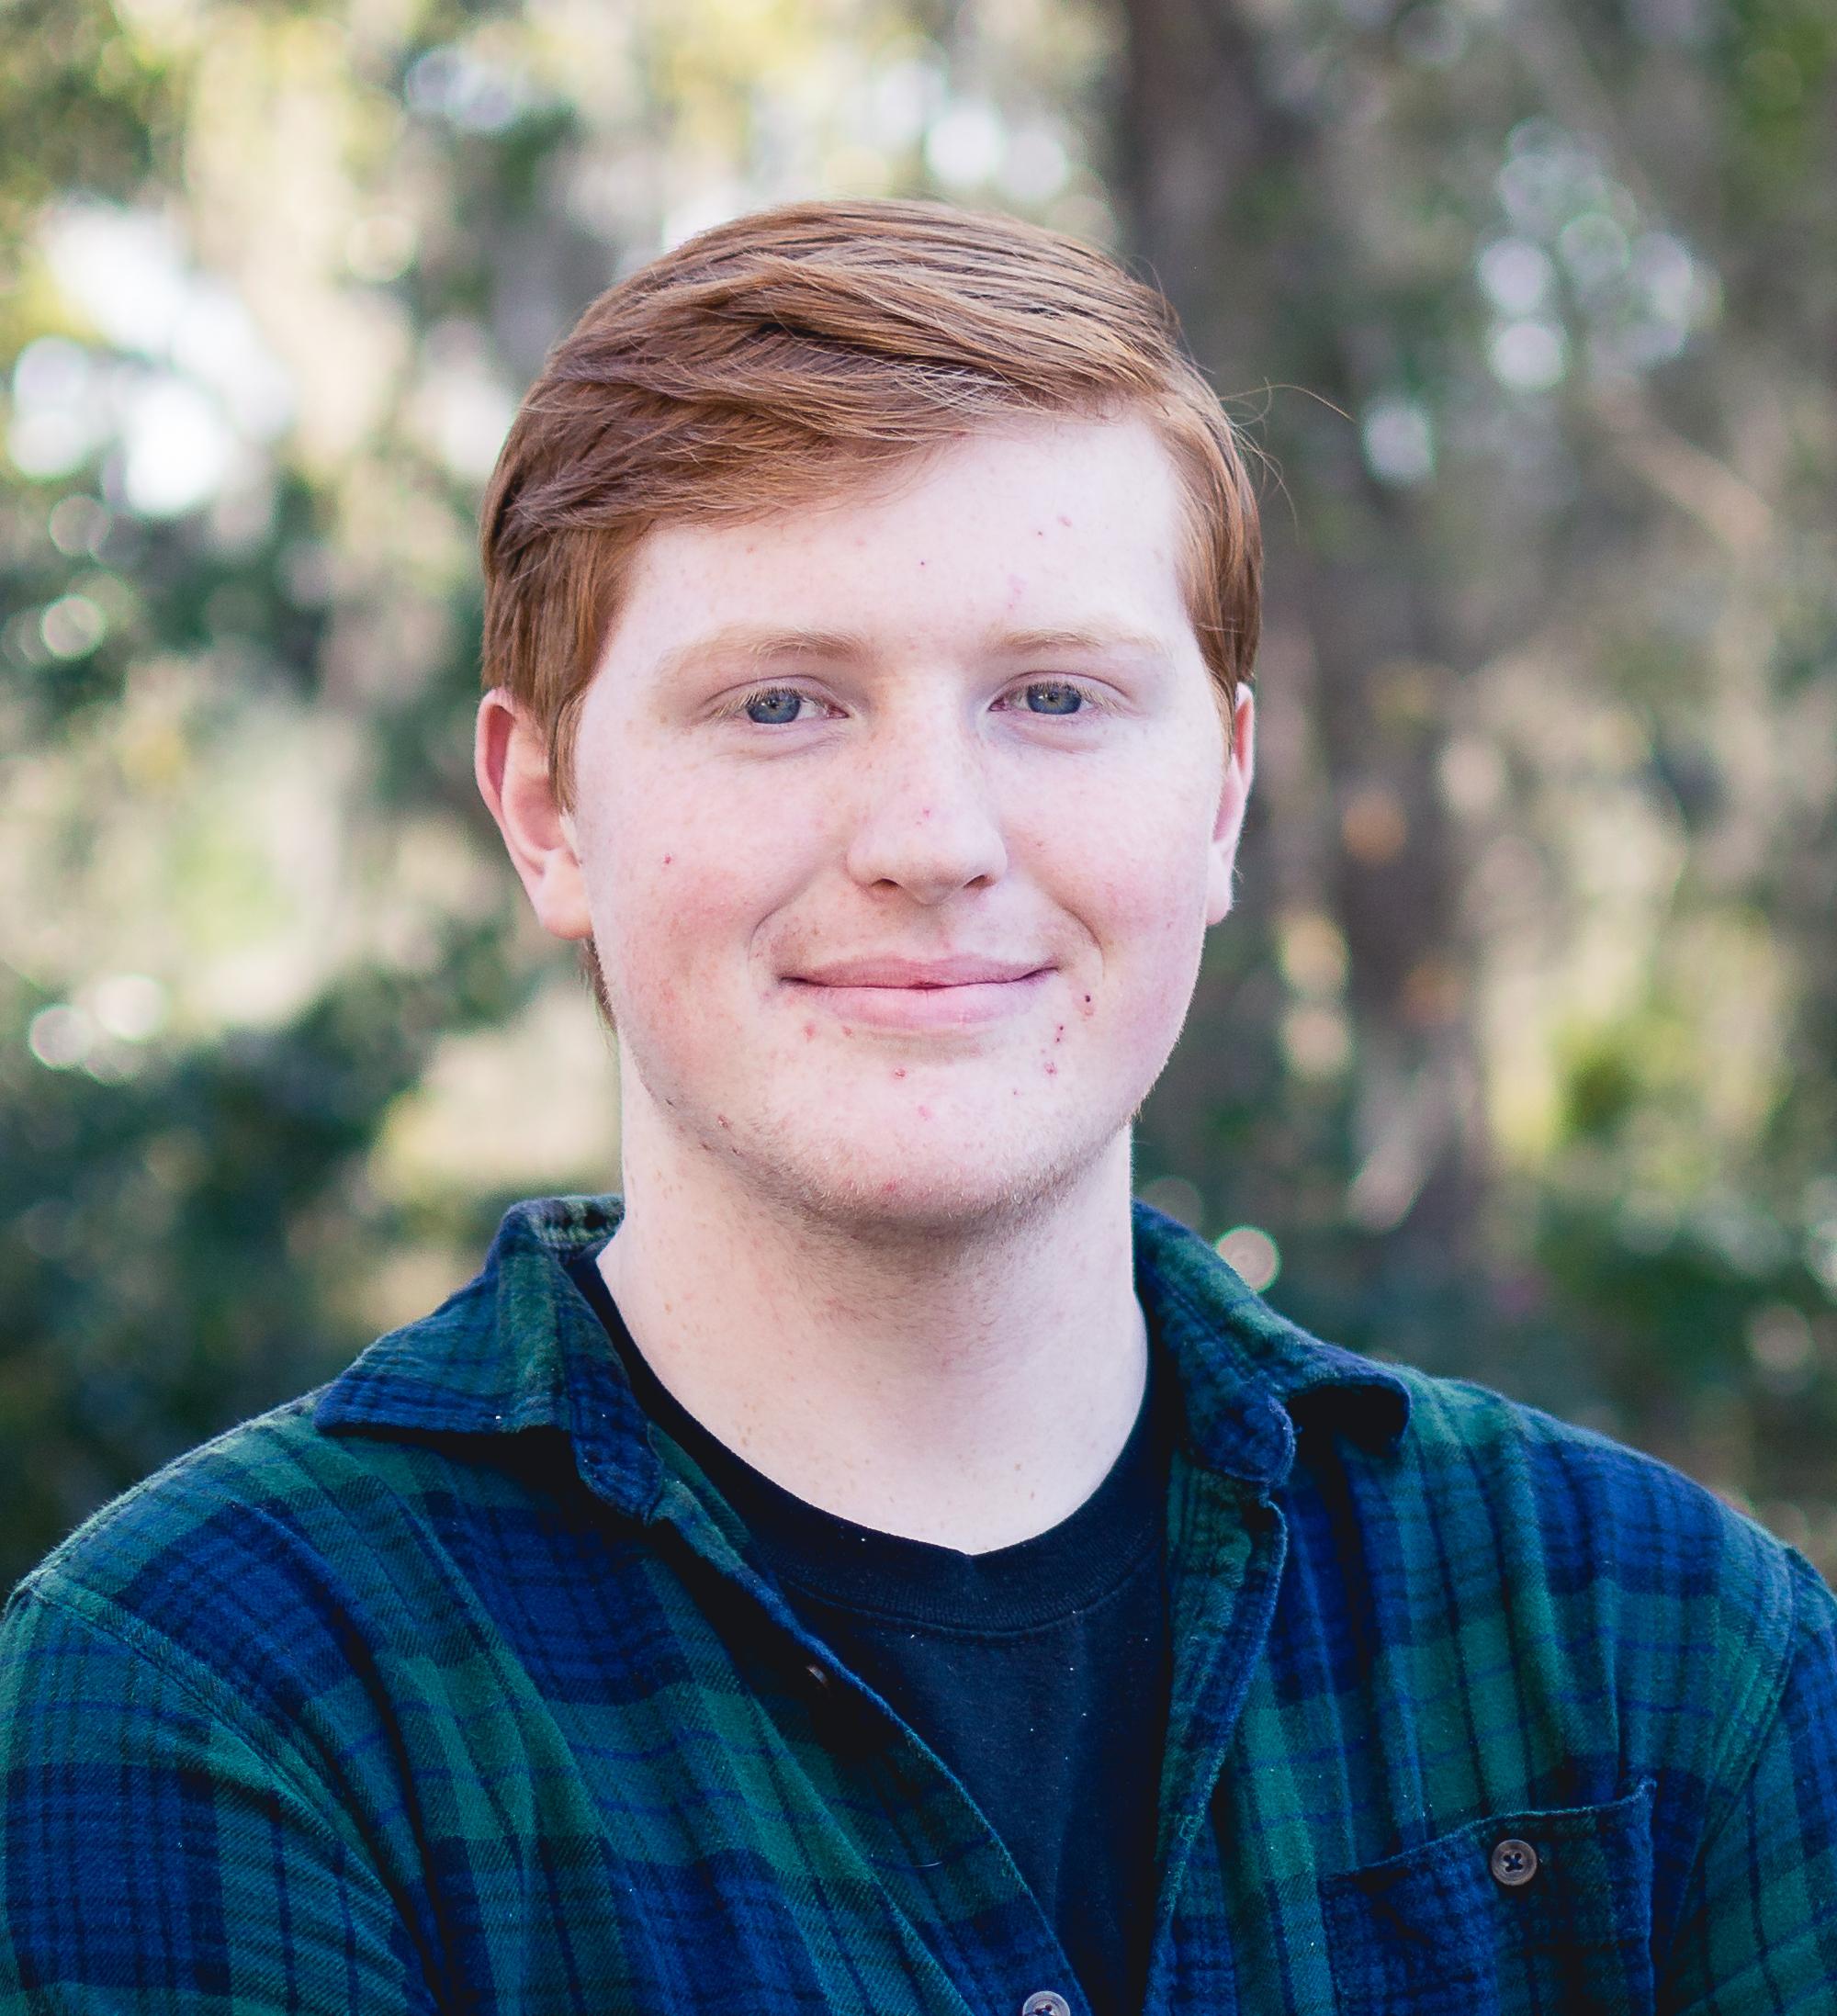 Aaron Rowell